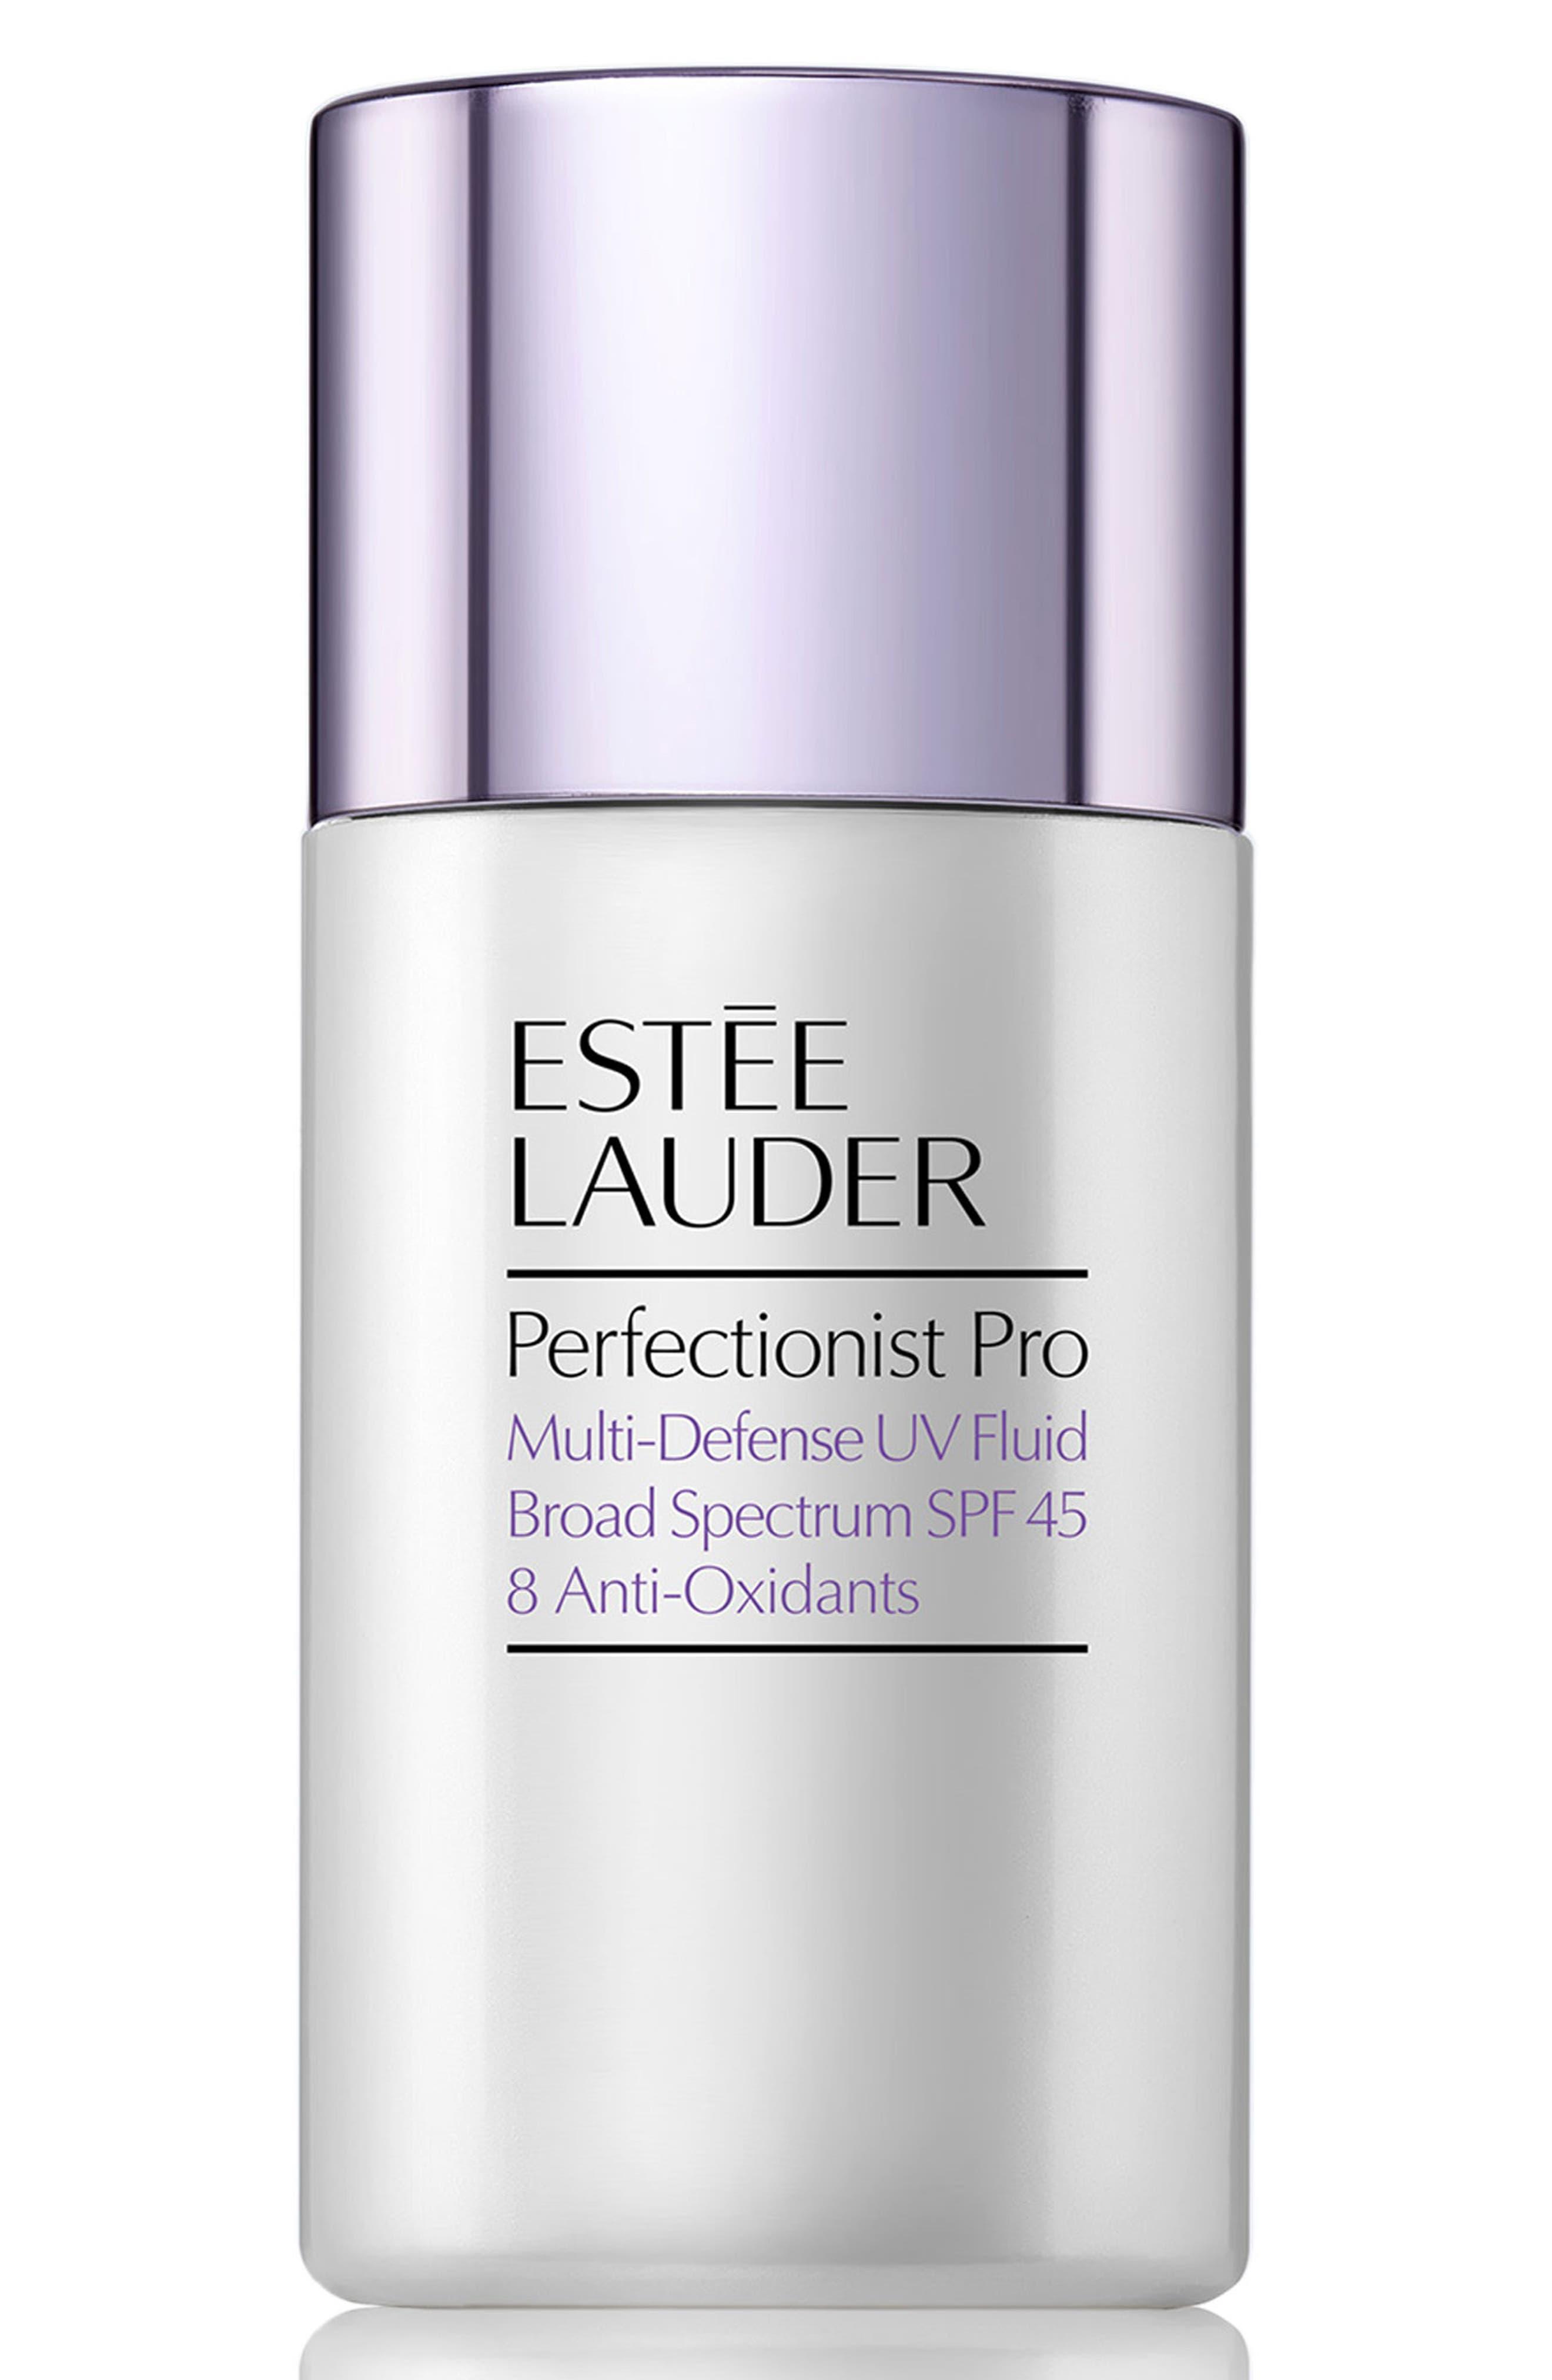 ESTÉE LAUDER, Perfectionist Pro Multi-Defense UV Fluid SPF 45, Main thumbnail 1, color, NO COLOR